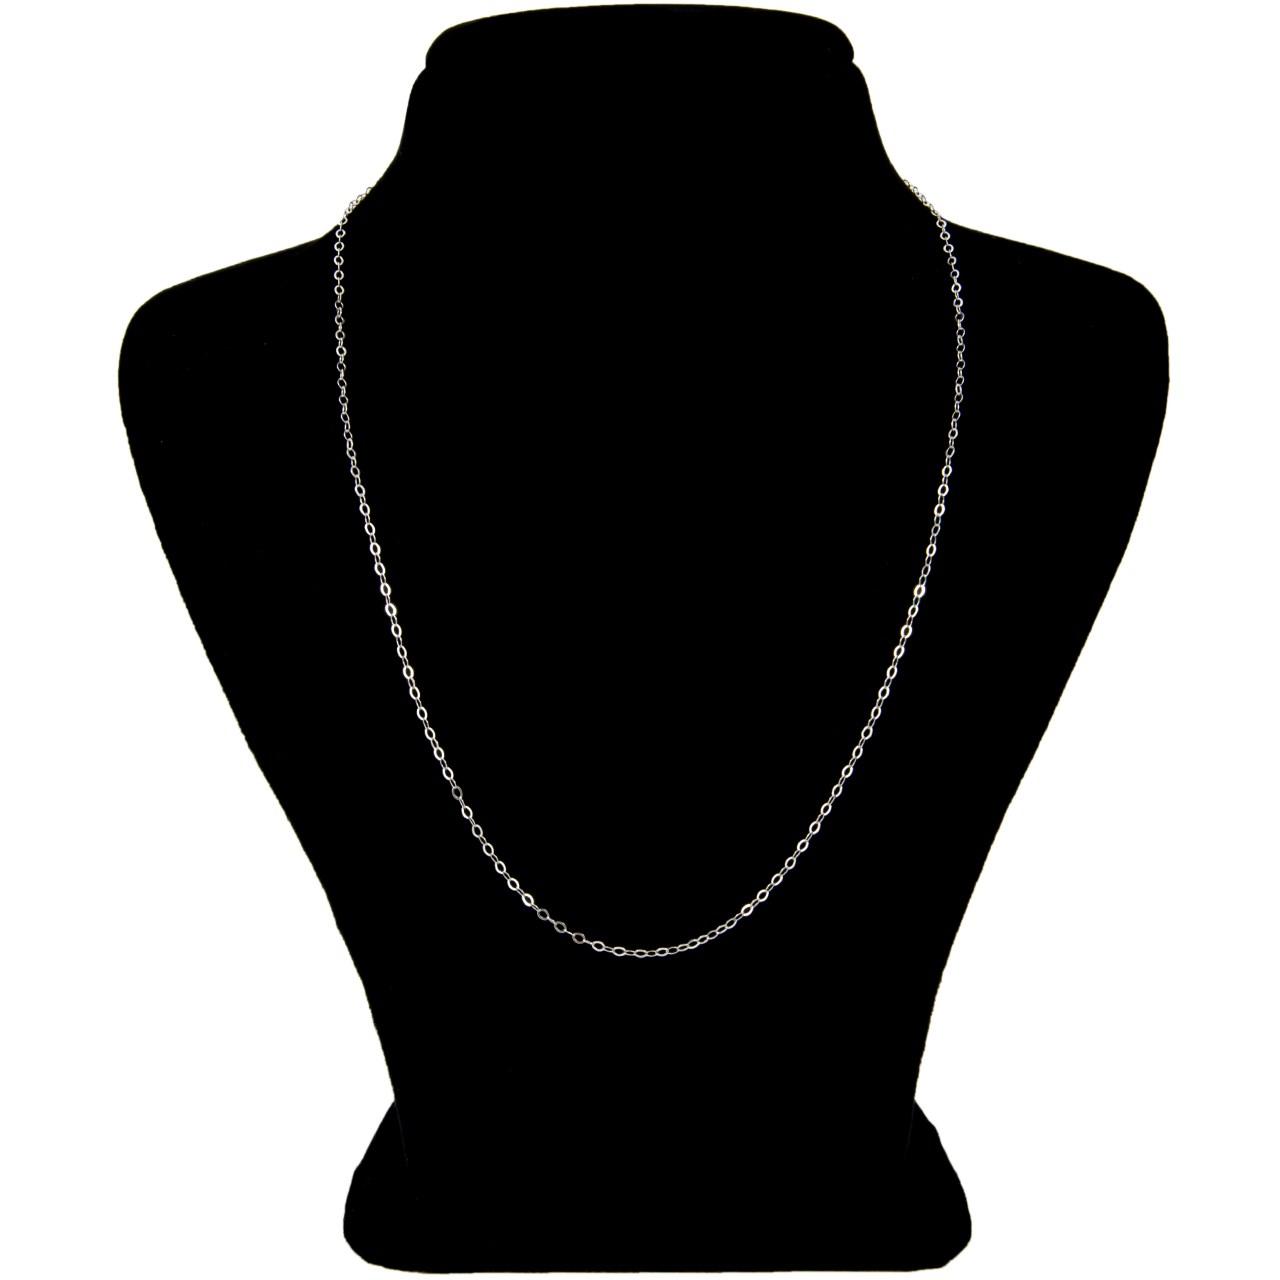 قیمت زنجیر نقره بهارگالری مدل حلقه ای  کد 45